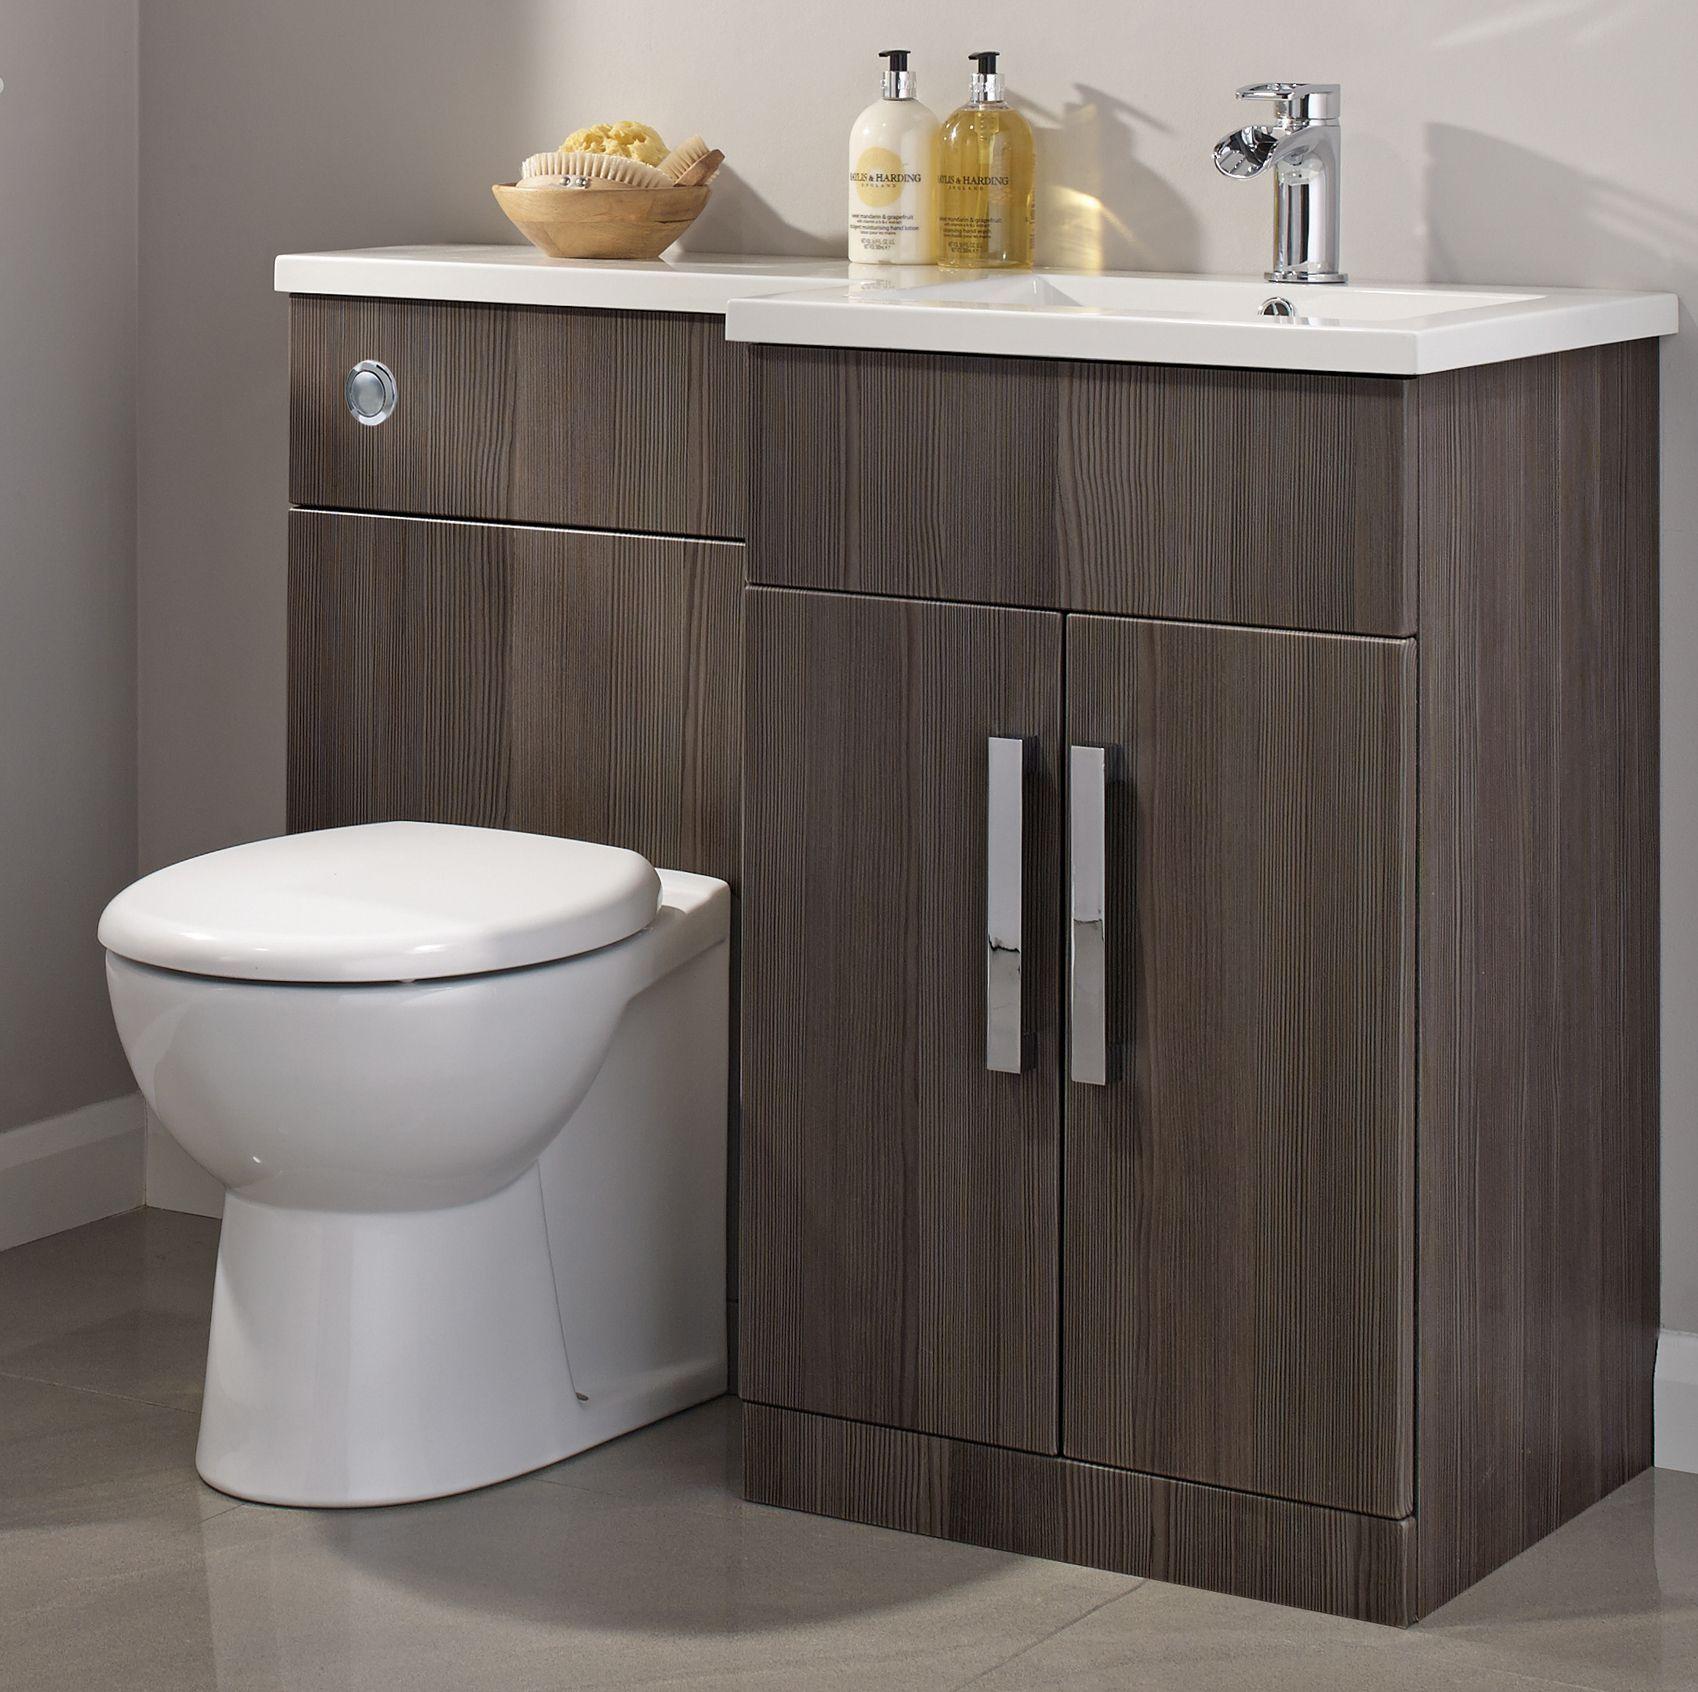 Cooke & Lewis Ardesio Bodega Grey RH Vanity & Toilet Pack